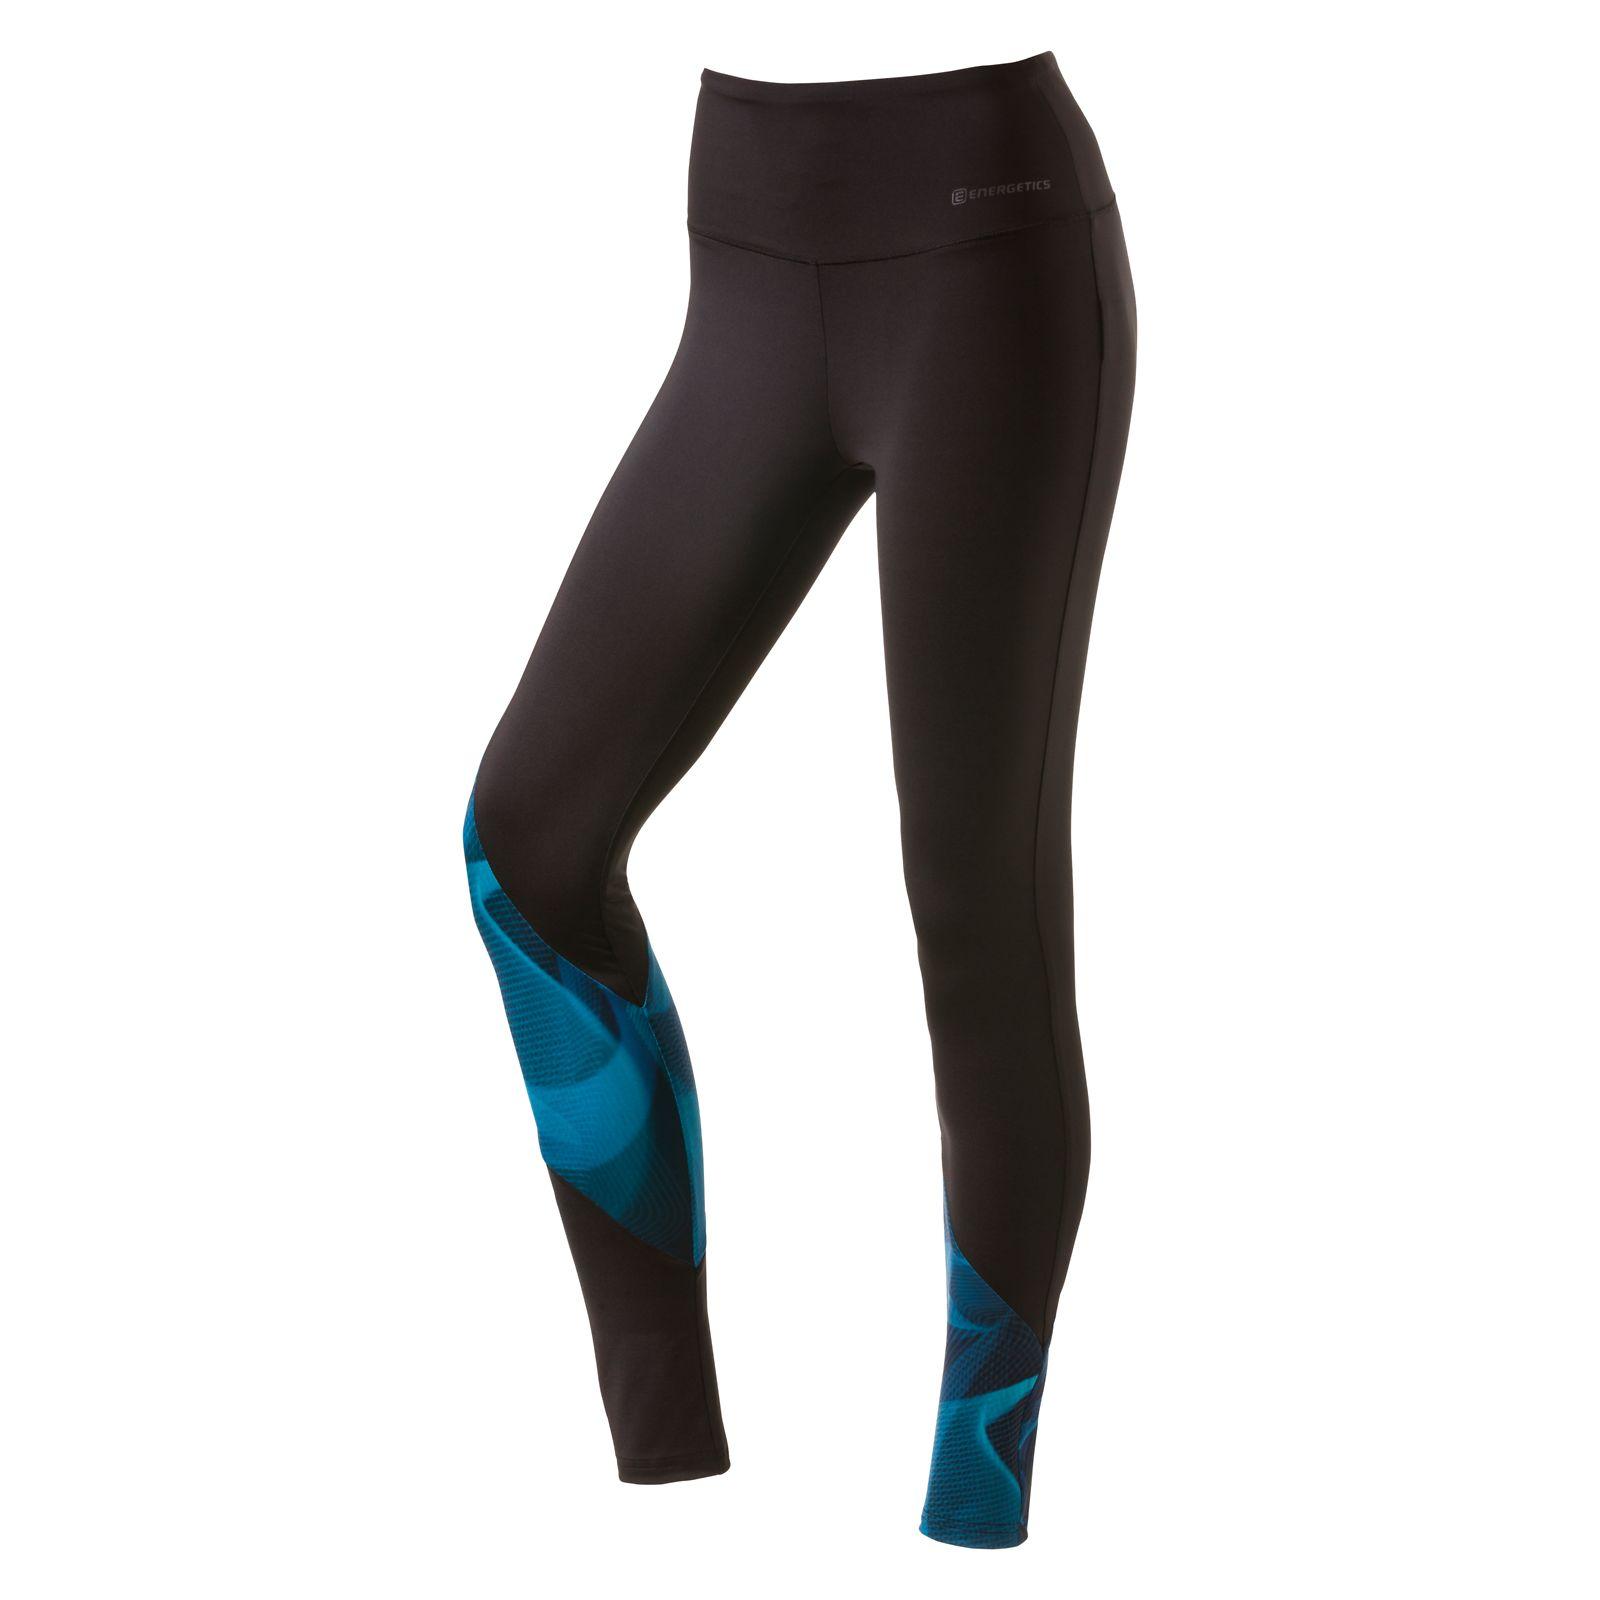 Spodnie Energetics Fit8/280893 Karla